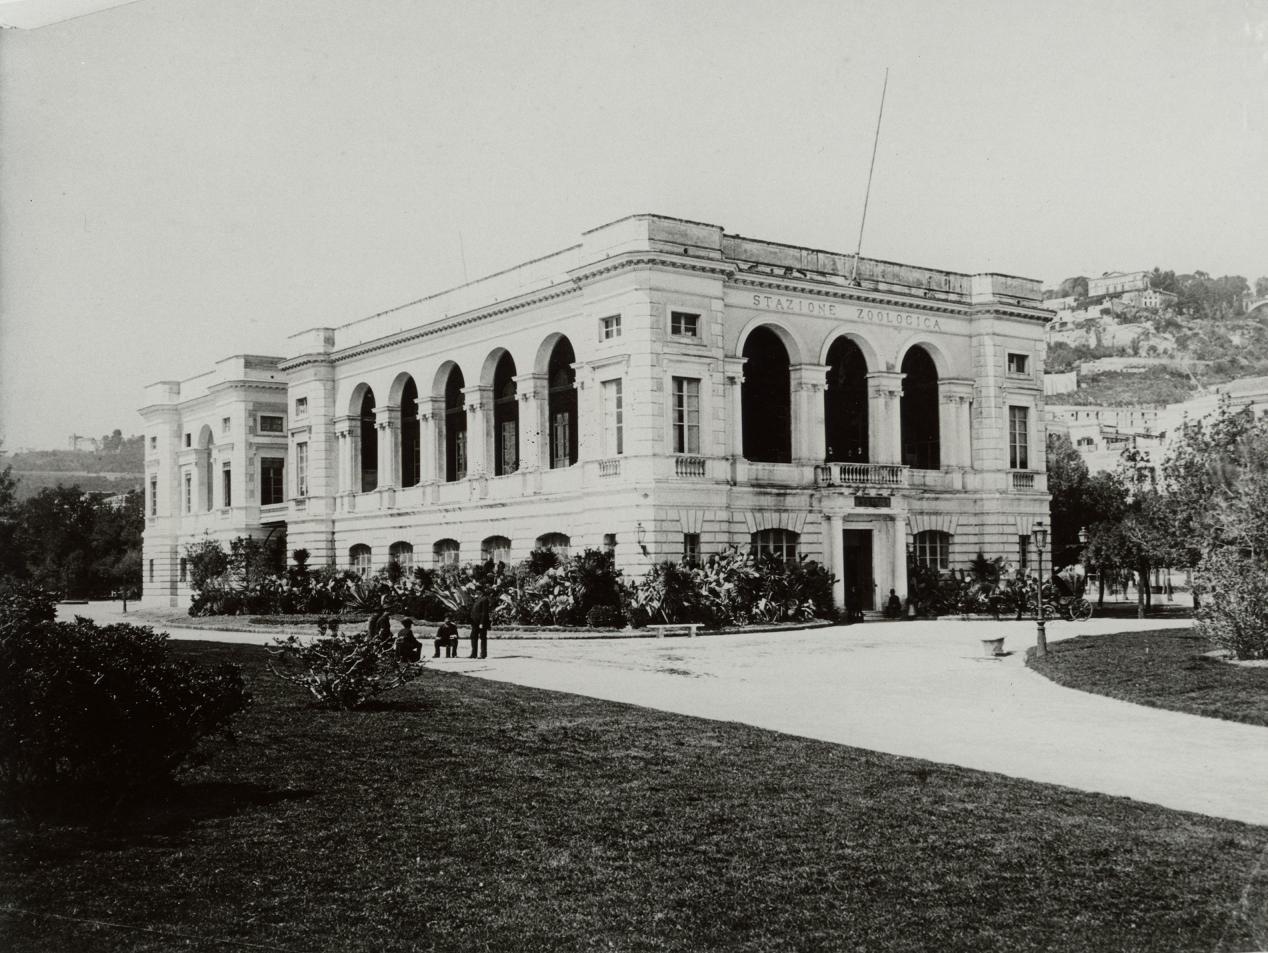 Stazione Zoologica, Naples ca. 1901